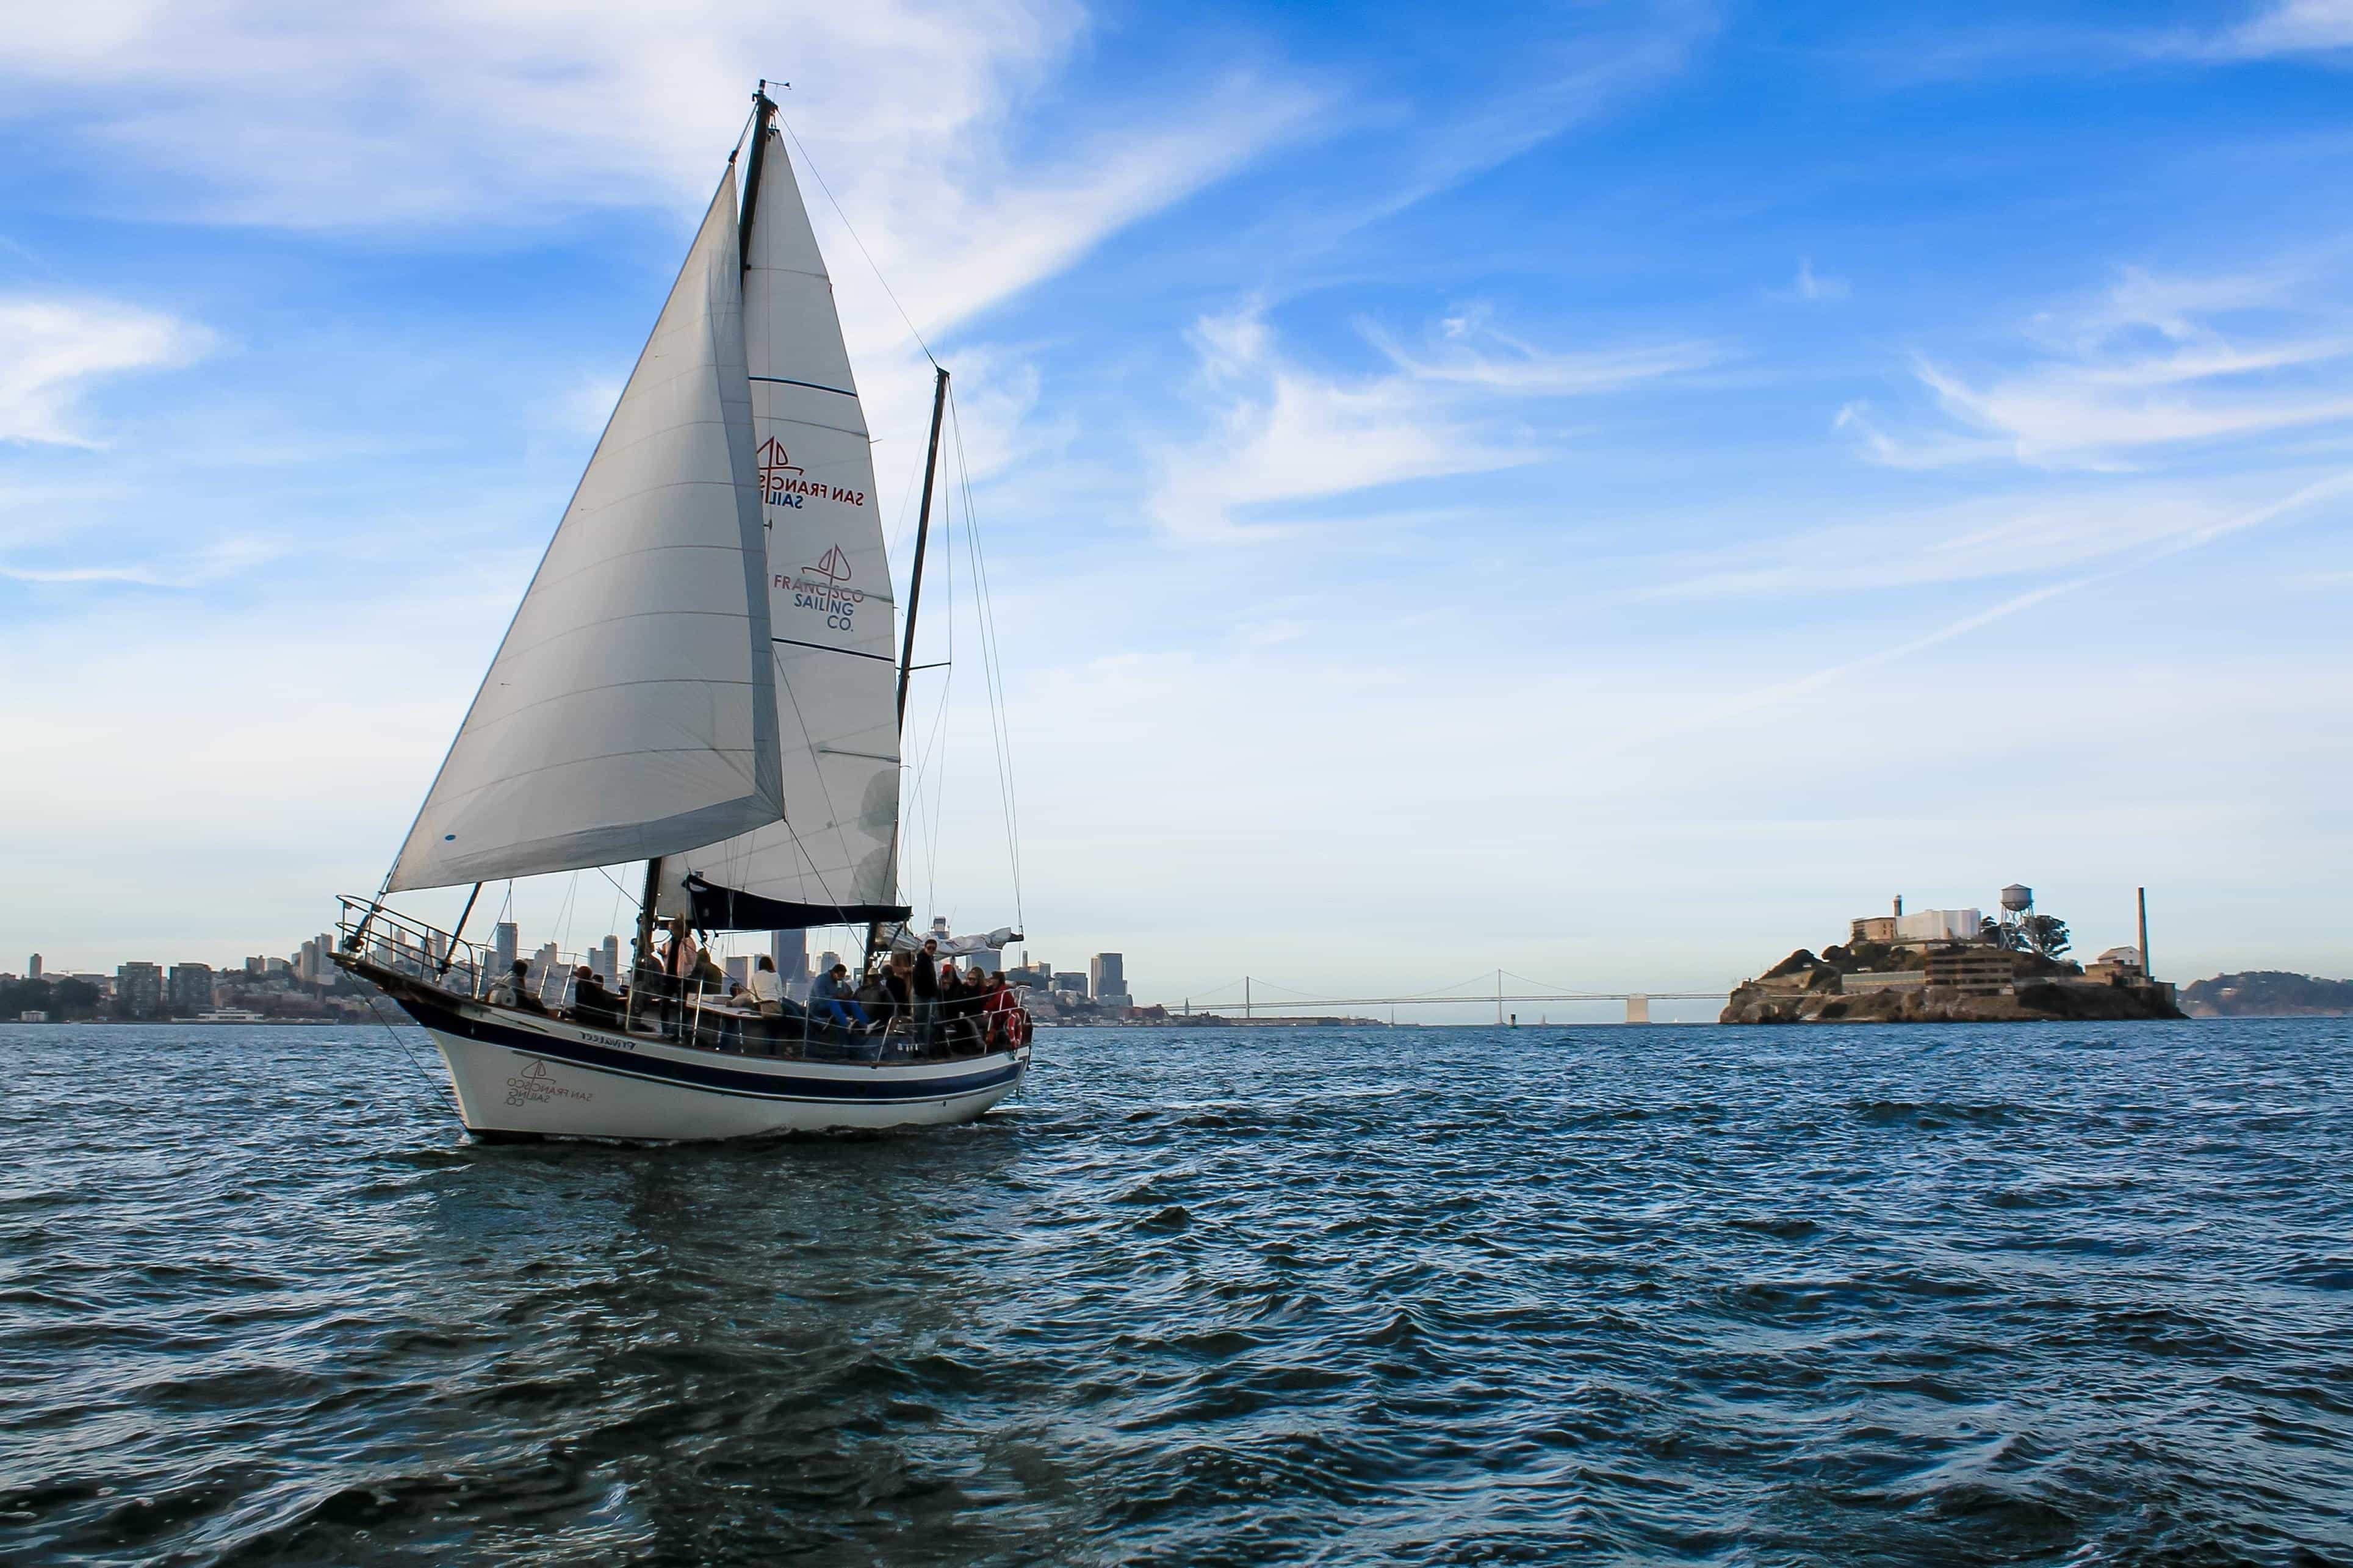 Image Libre Eau Embarcation Mer Vent Ciel Bleu